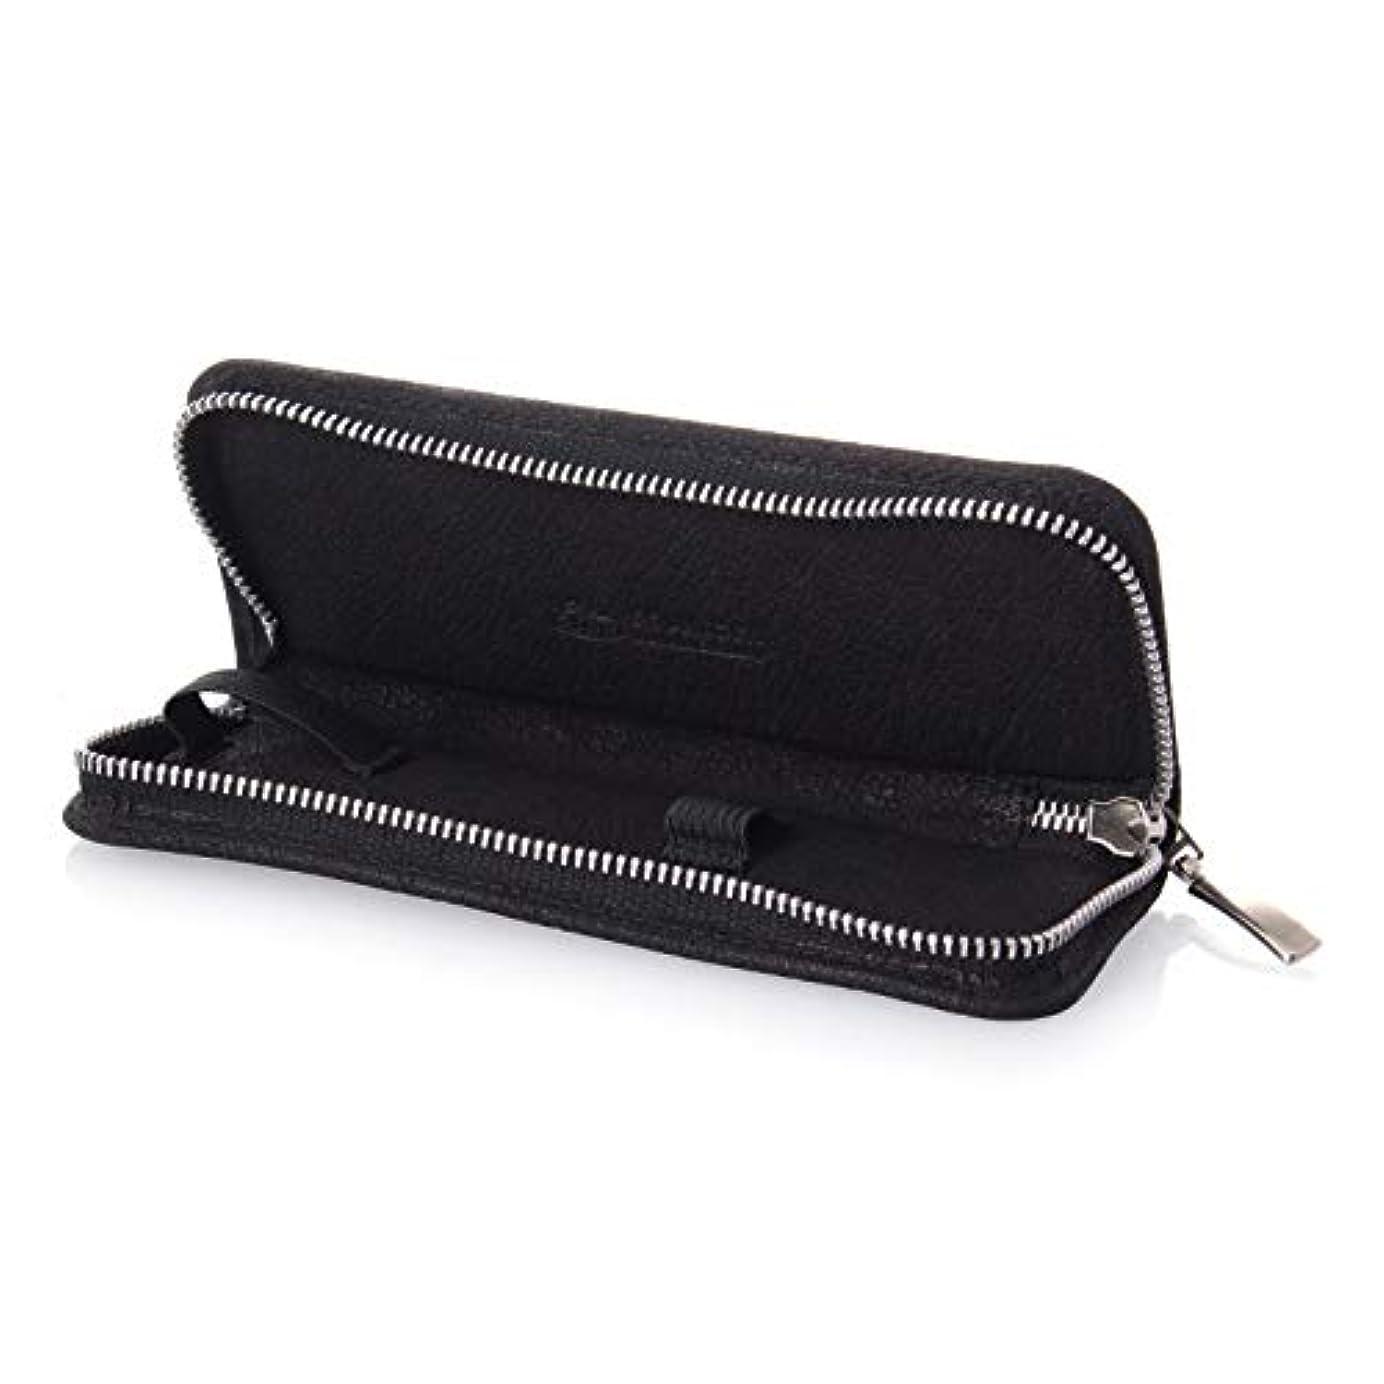 陰気ハグ真鍮Razor Case, Leather, Black, Erbe Solingen